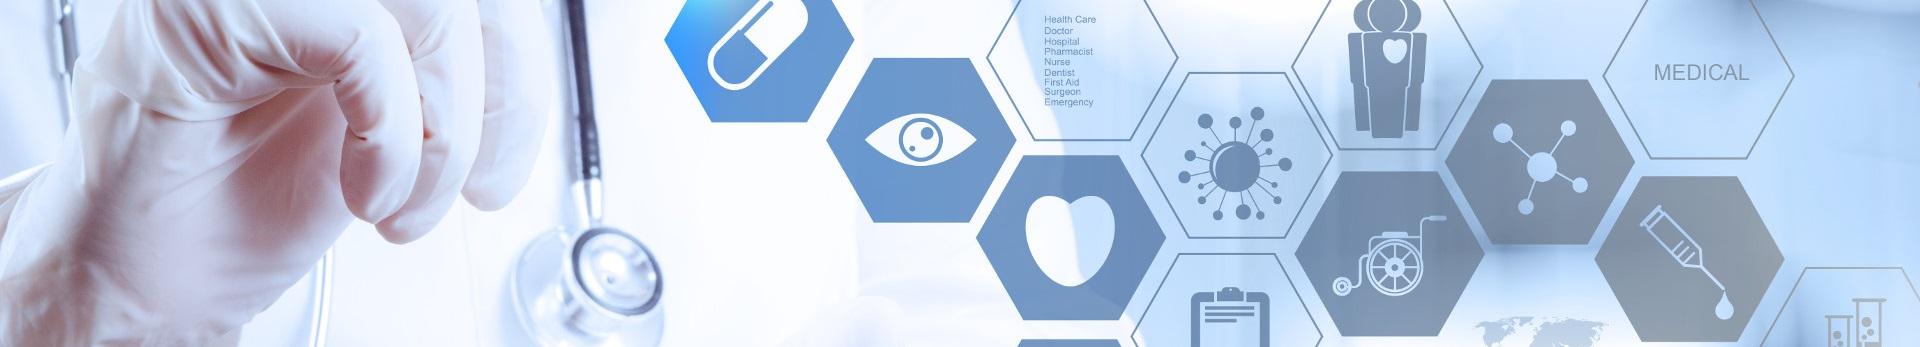 Косметологические аппараты ведущих мировых производителей для салонов красоты, клиник по доступным ценам